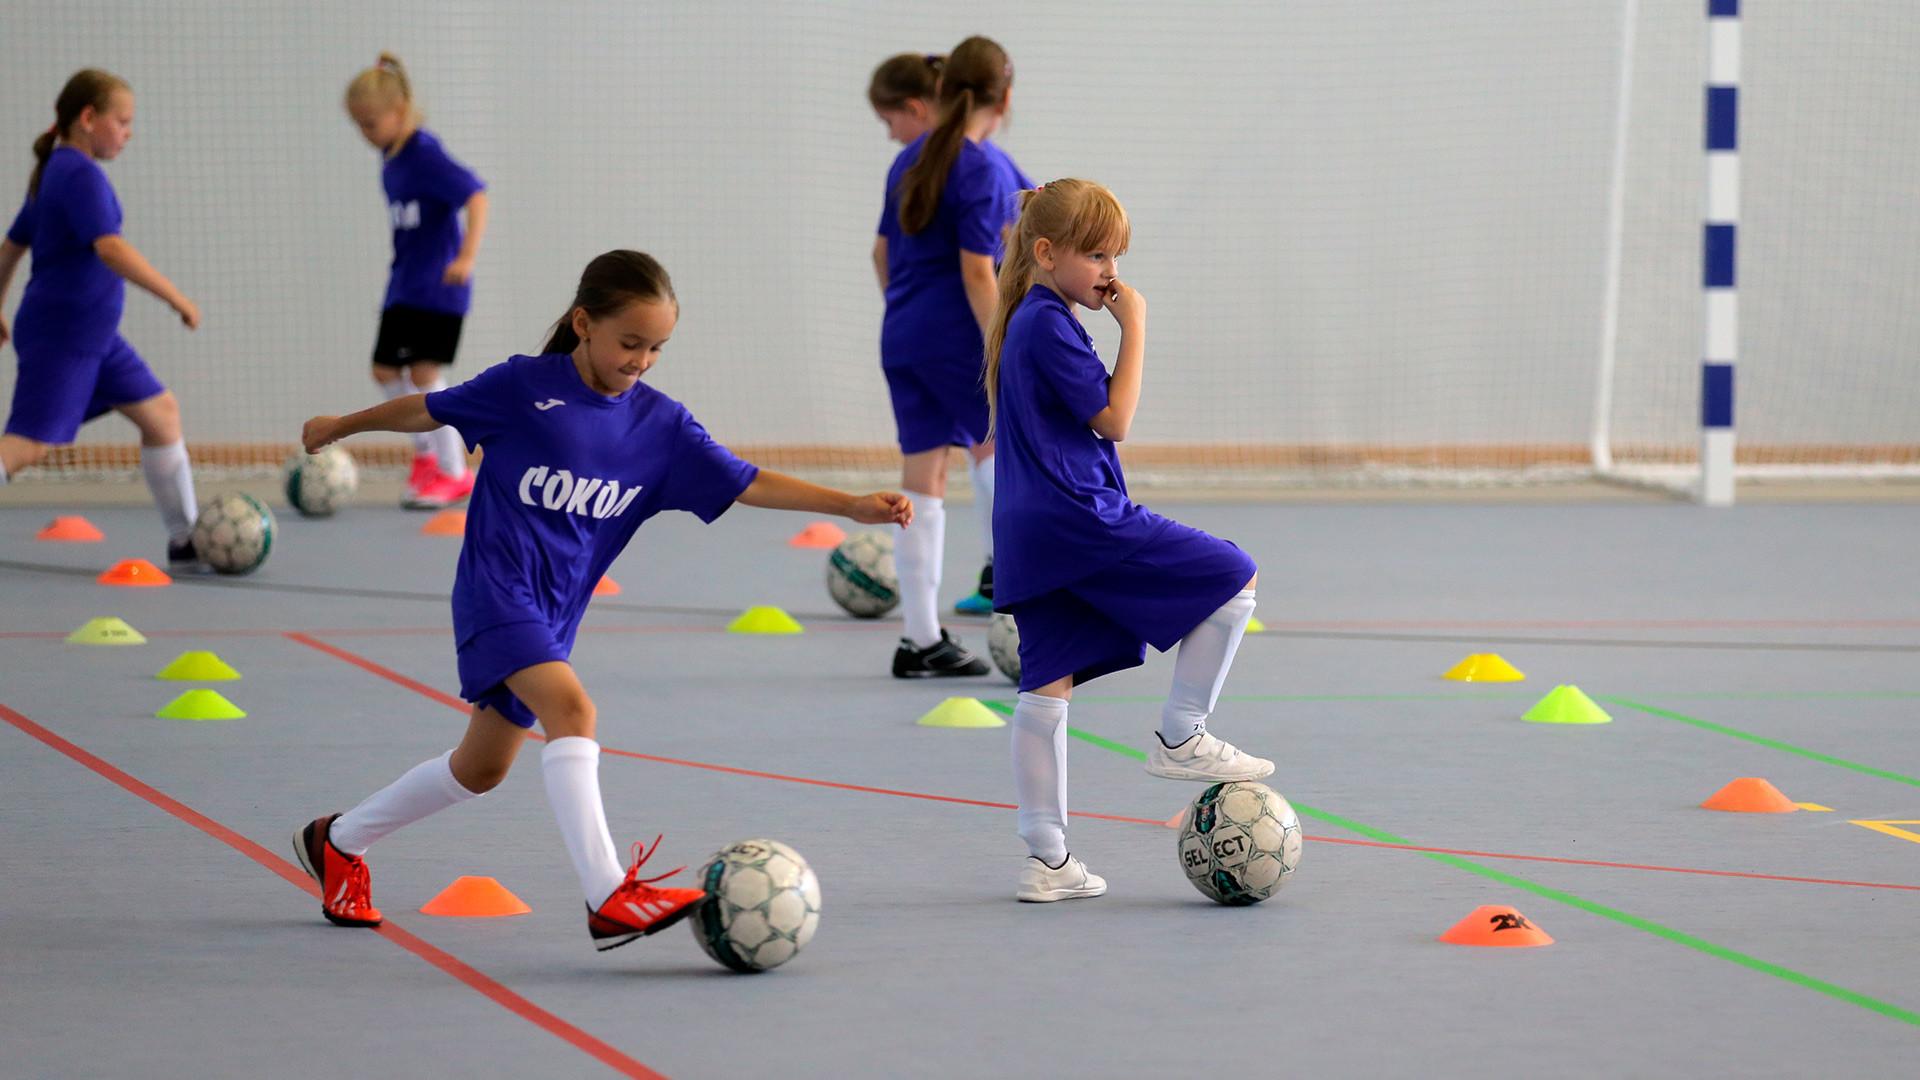 スポーツ学校「ソコル」、モスクワ